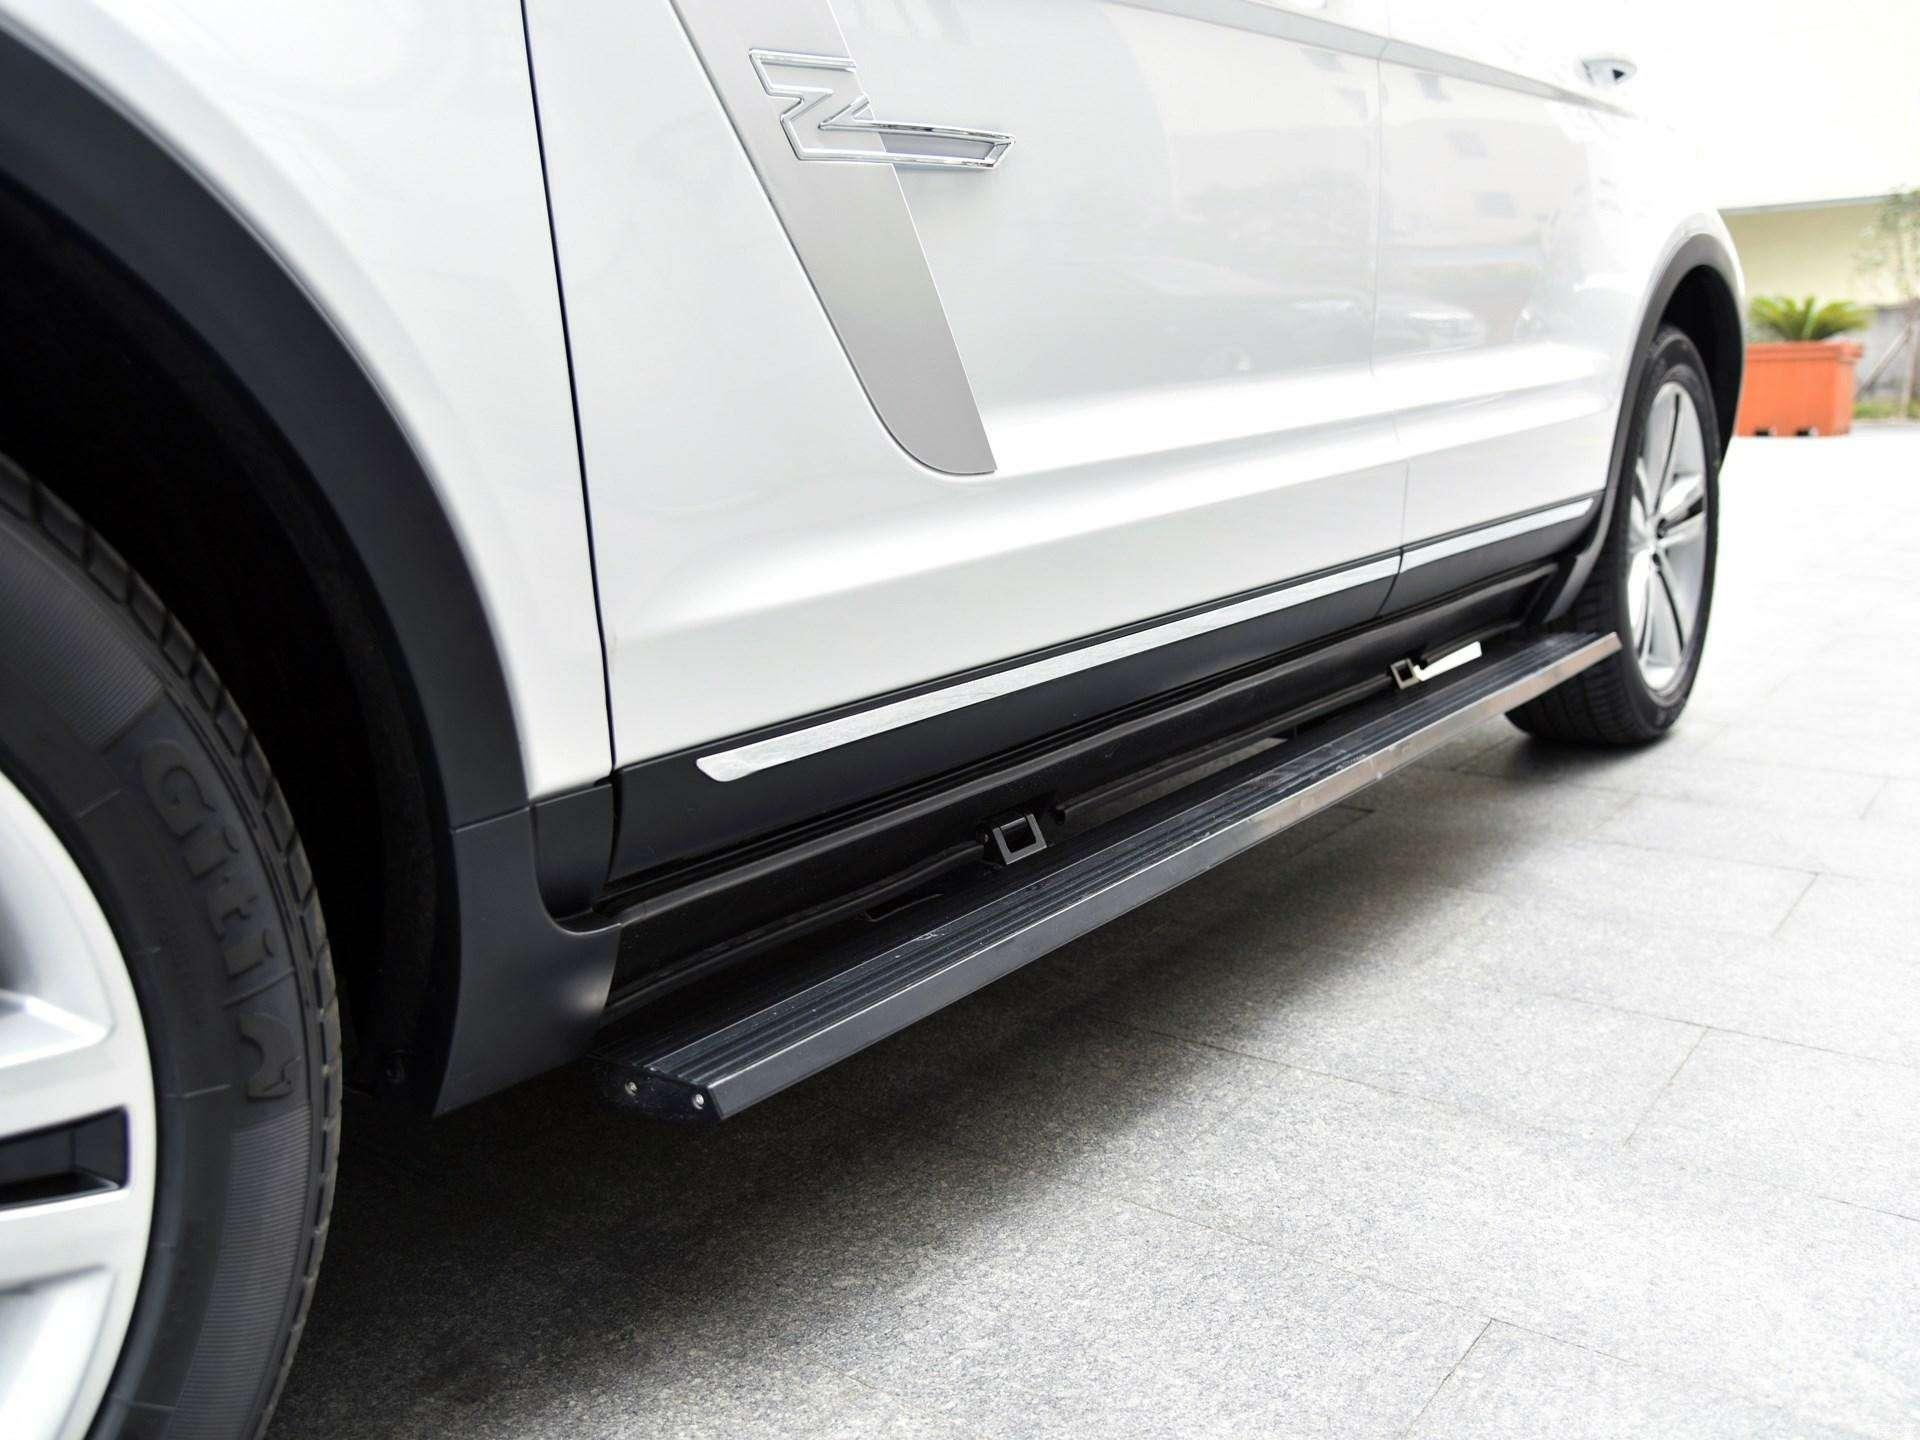 Jaguar иLand Rover водном флаконе: стартовало производство кроссовера Zotye T700— фото 727976